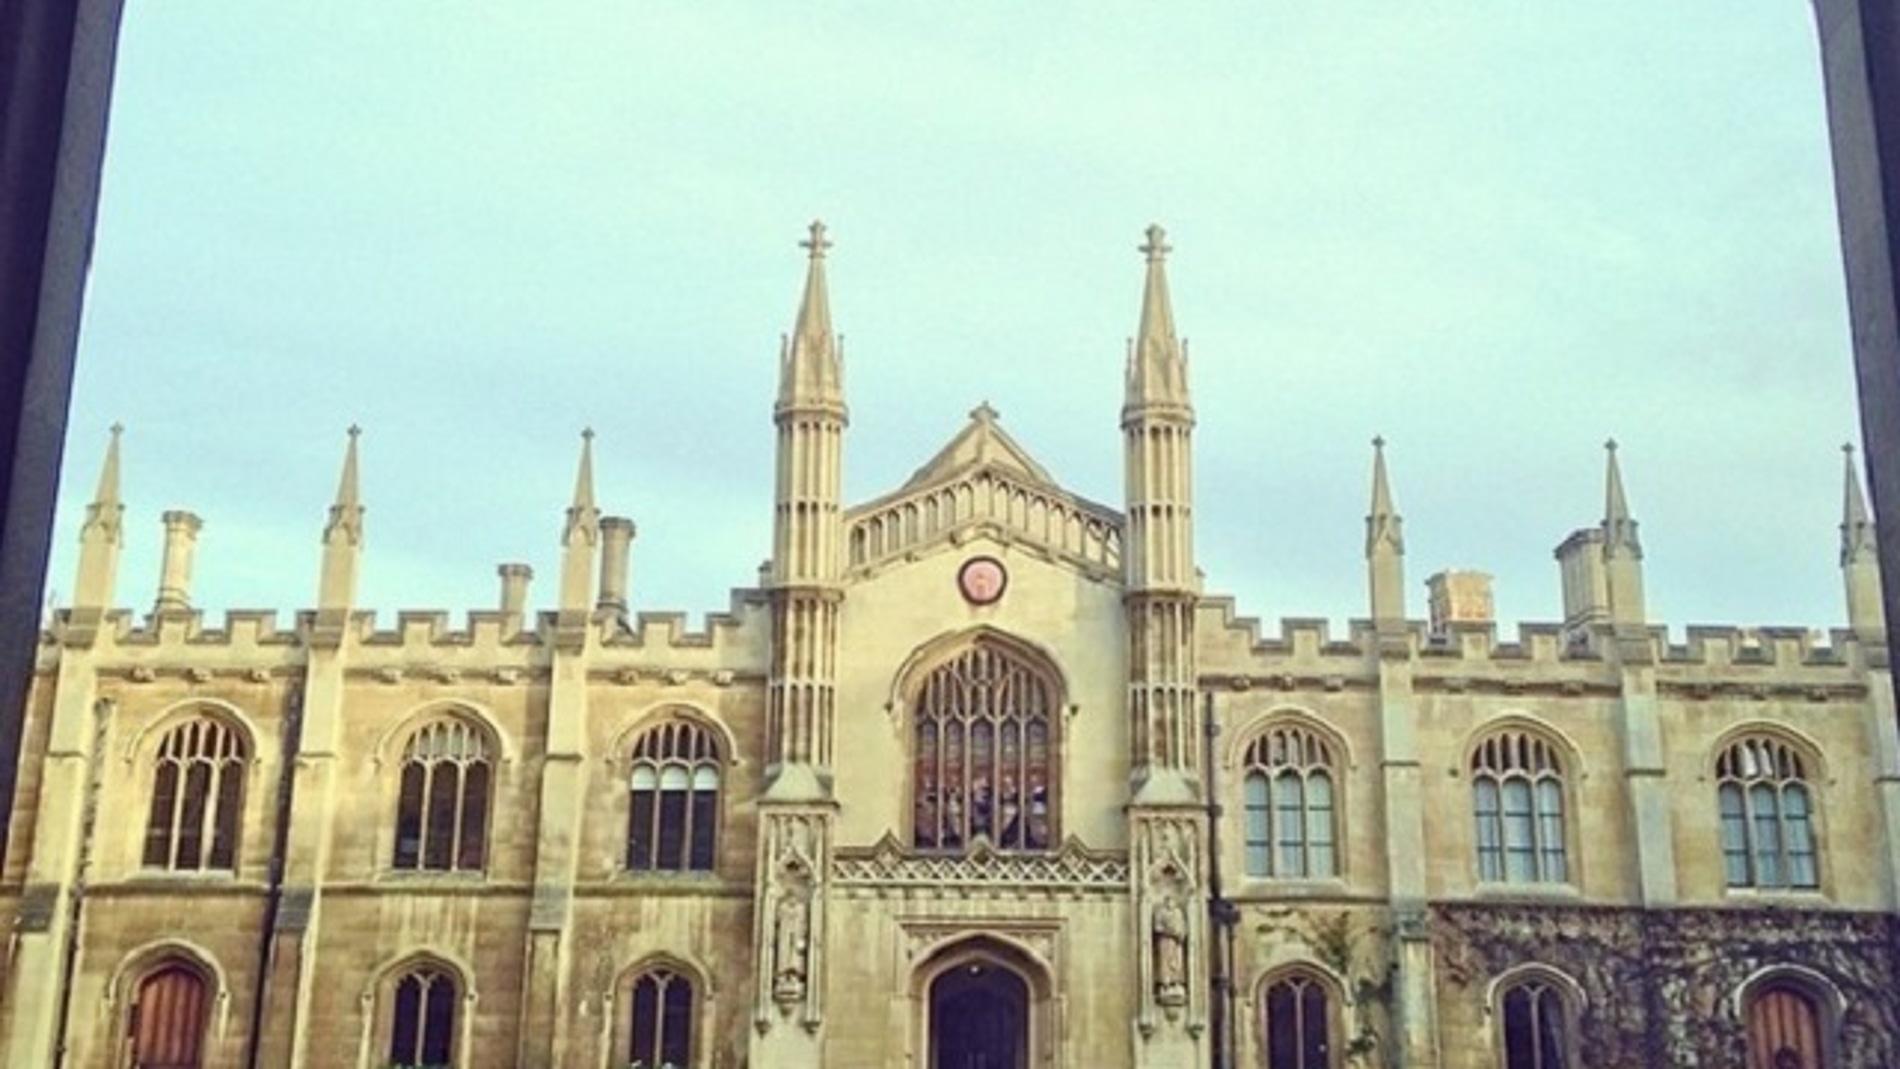 Cambridge retratada como si fuera Howards